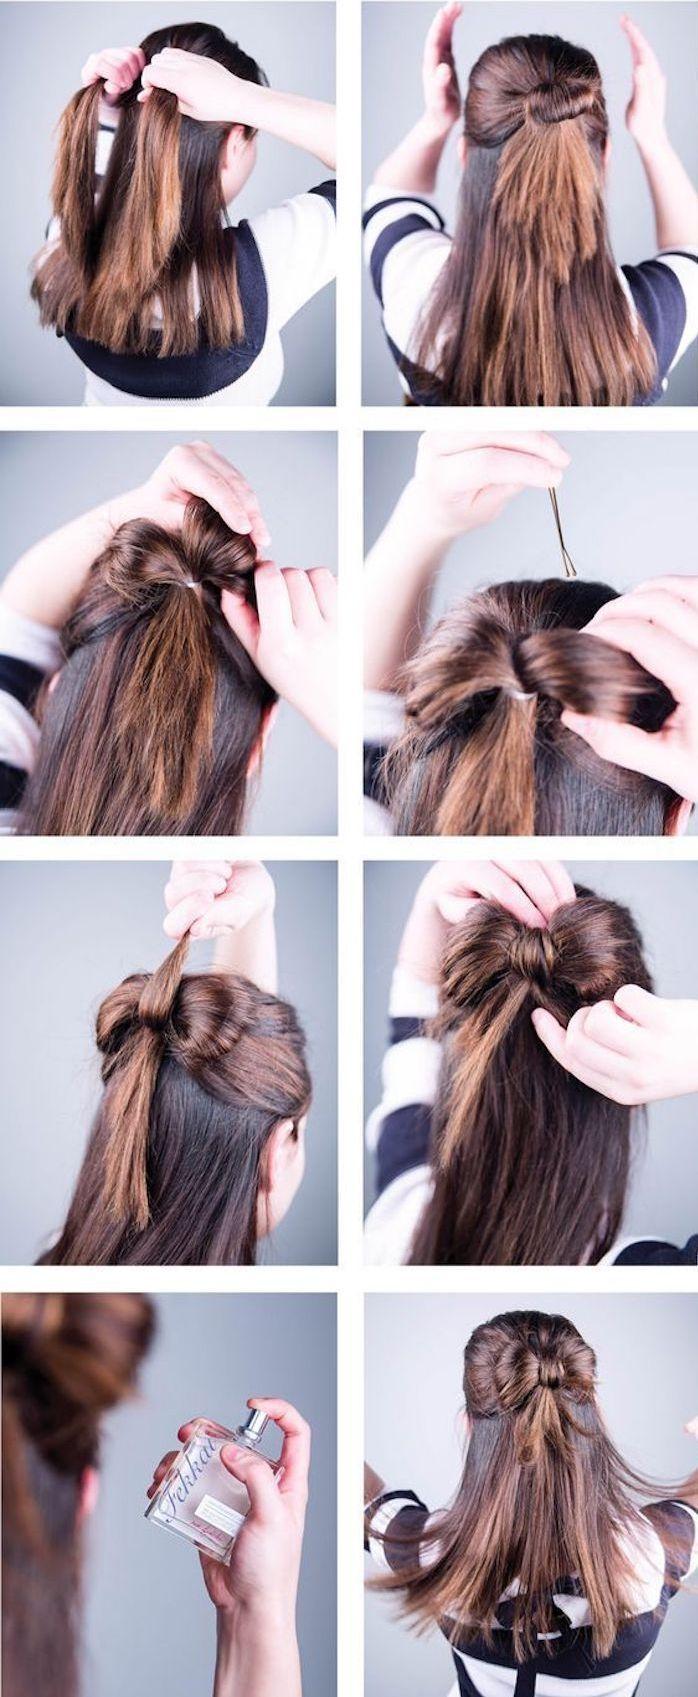 1001 Diyの指示を含む中程度の長さの髪型のアイデア 名前を選ぶ